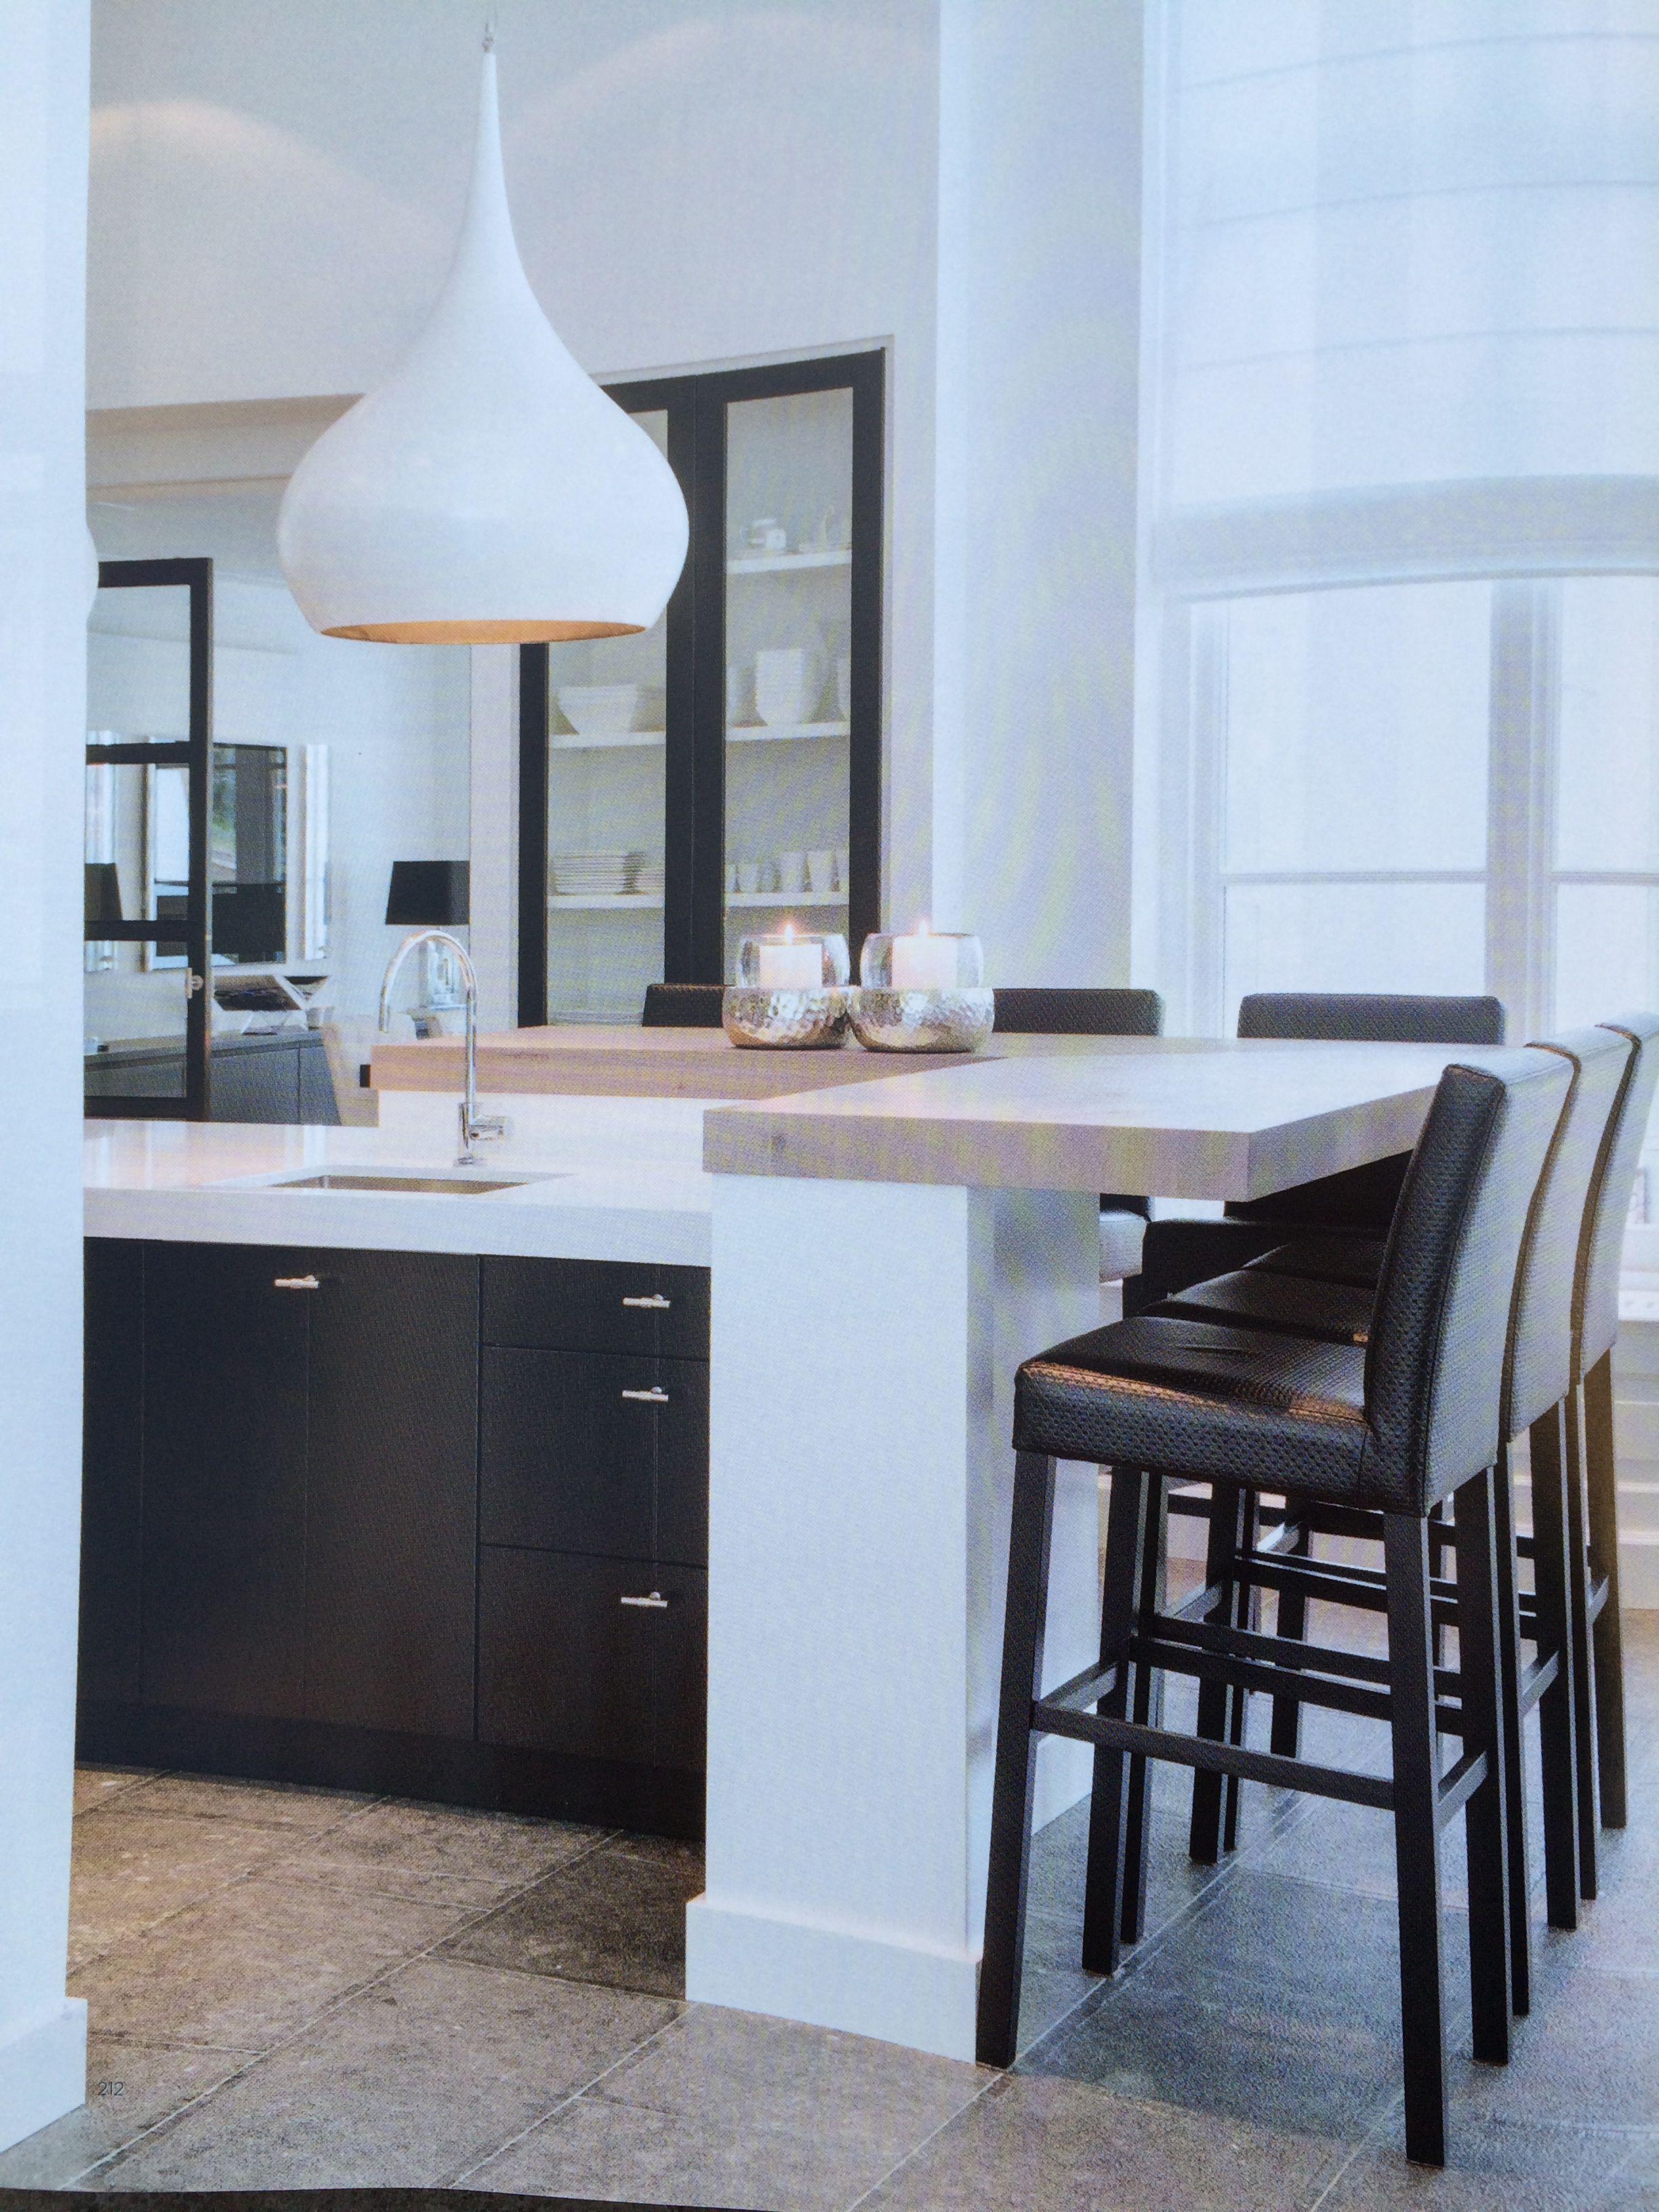 Edmon Keukens Ontwerpen : Bar om de hoek keukens pinterest keuken keukens en houten keuken